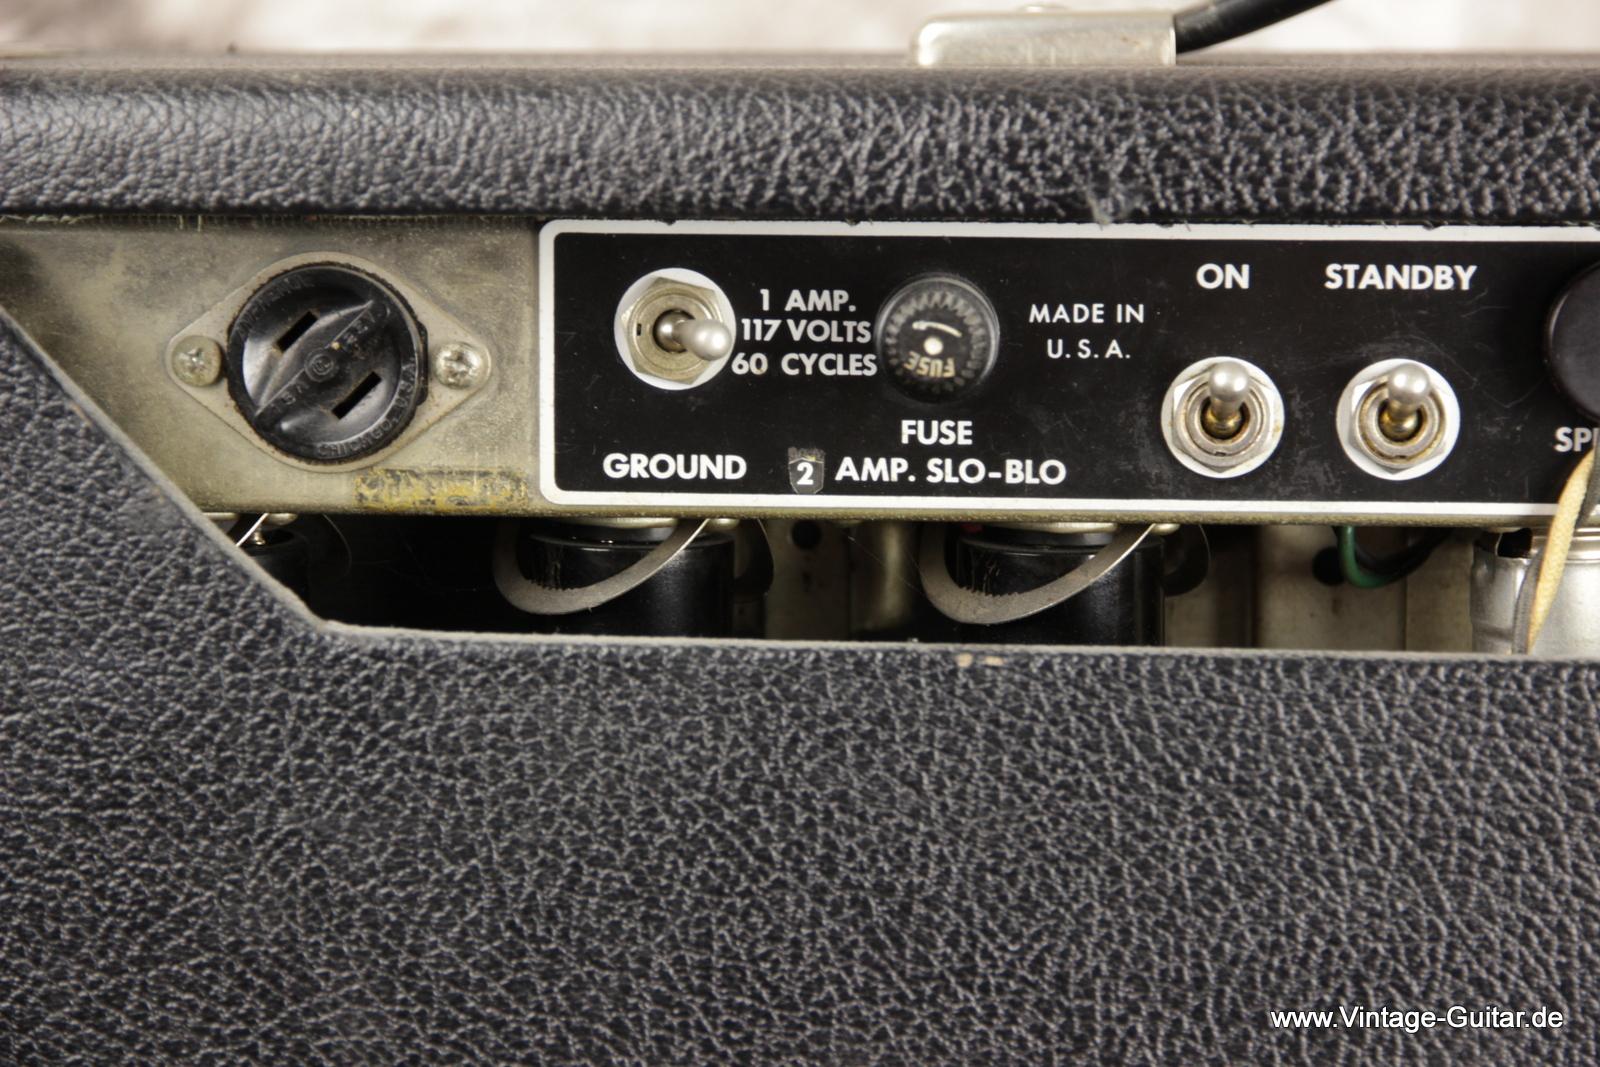 Vintage Fender Ampere Info